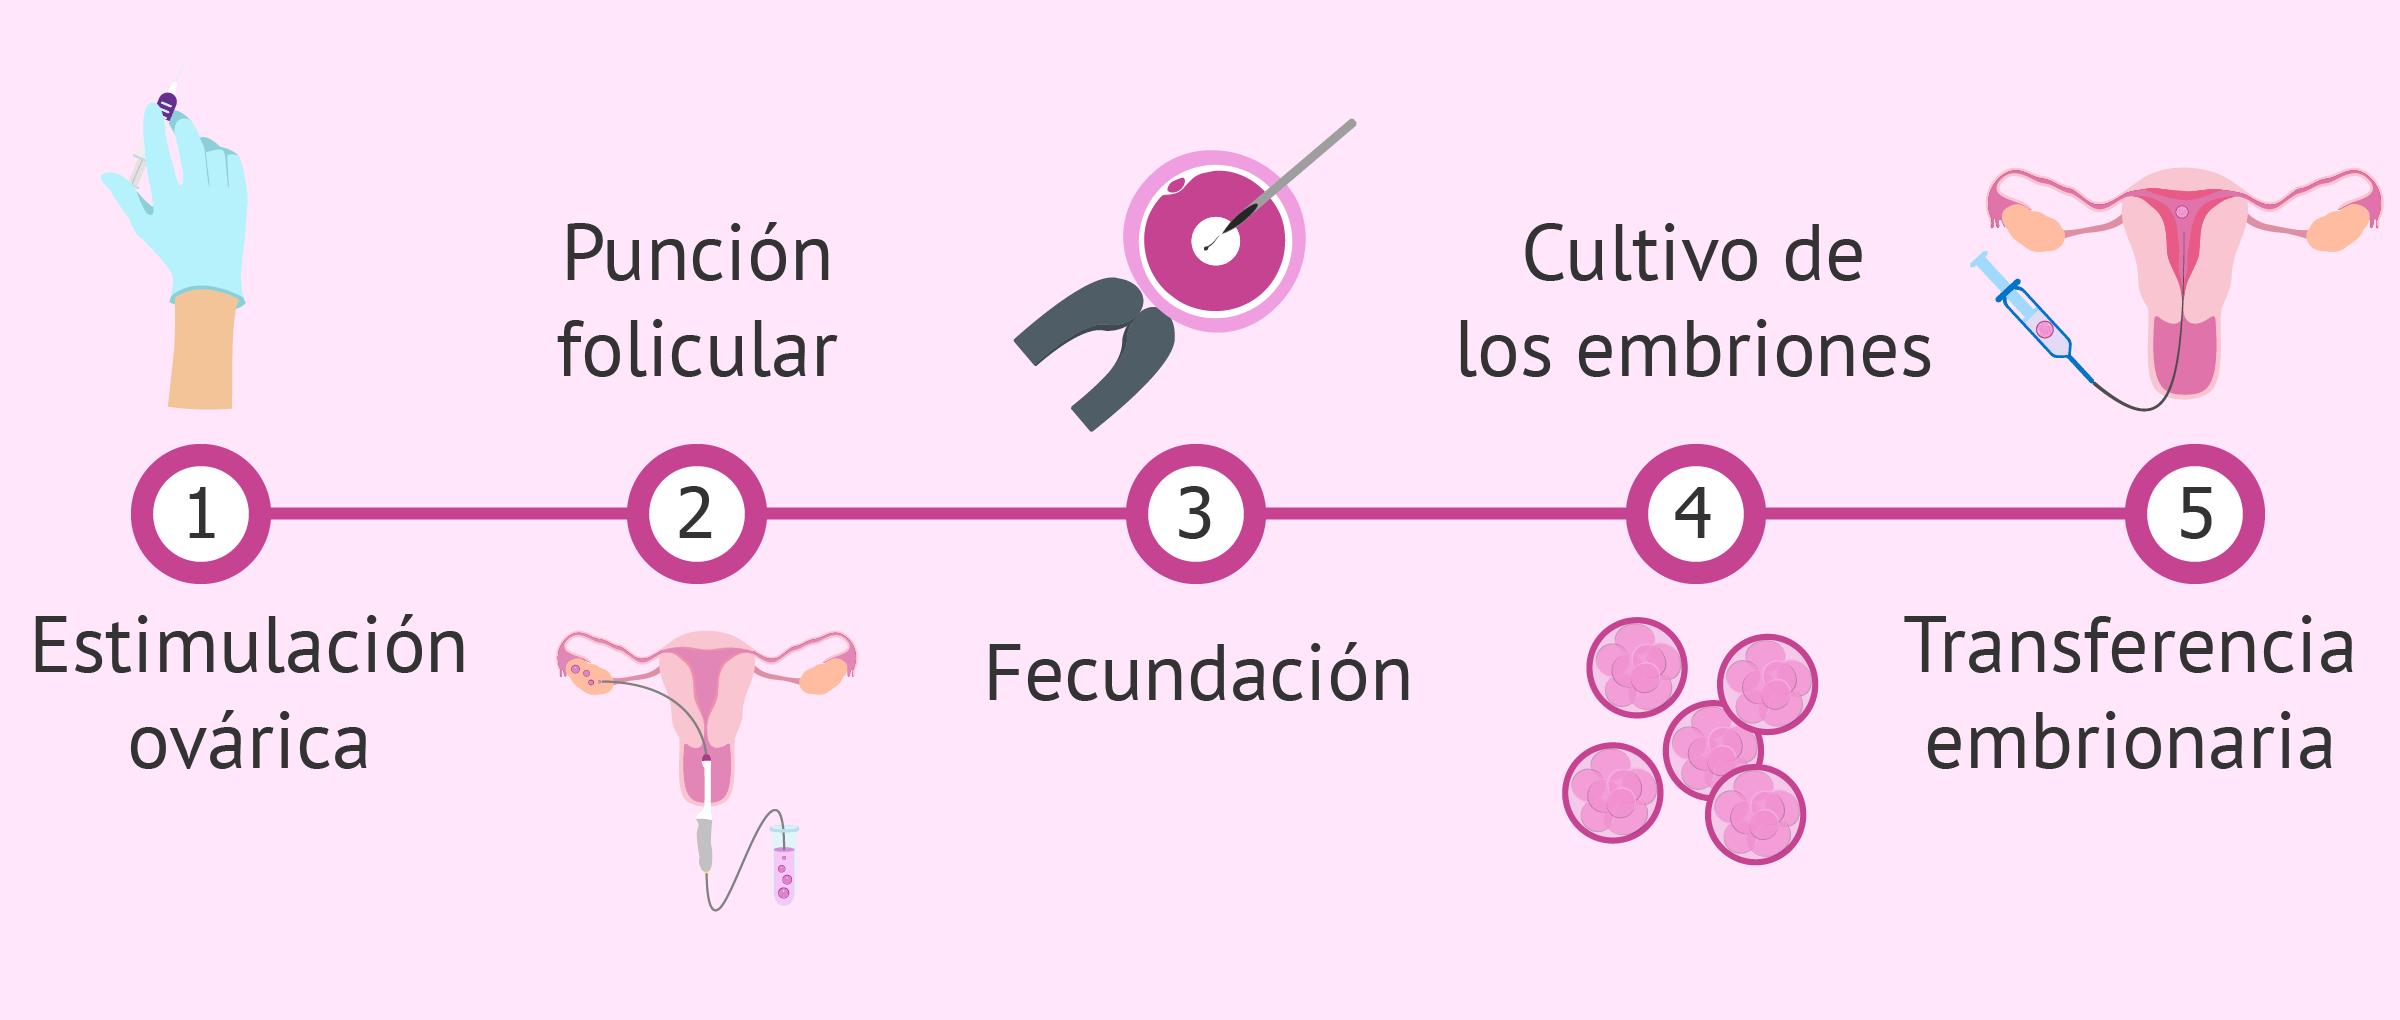 Pasos del tratamiento de fecundación in vitro (FIV)